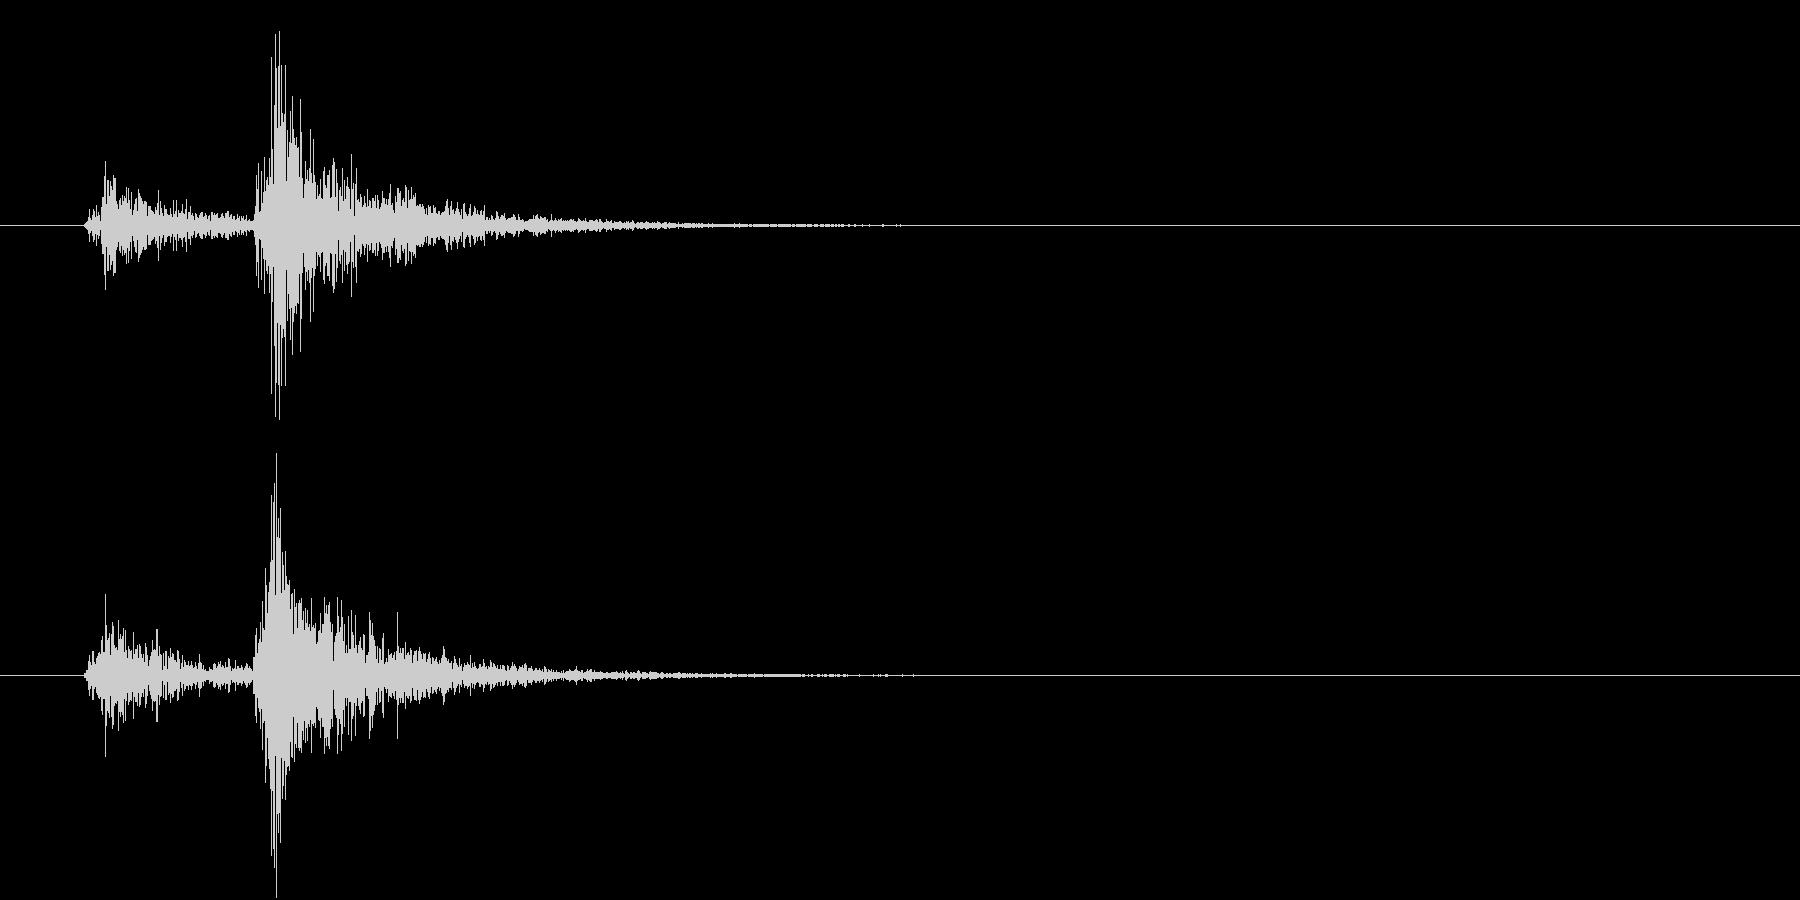 音侍「ドン、ドン」歌舞伎の足拍子の連打音の未再生の波形